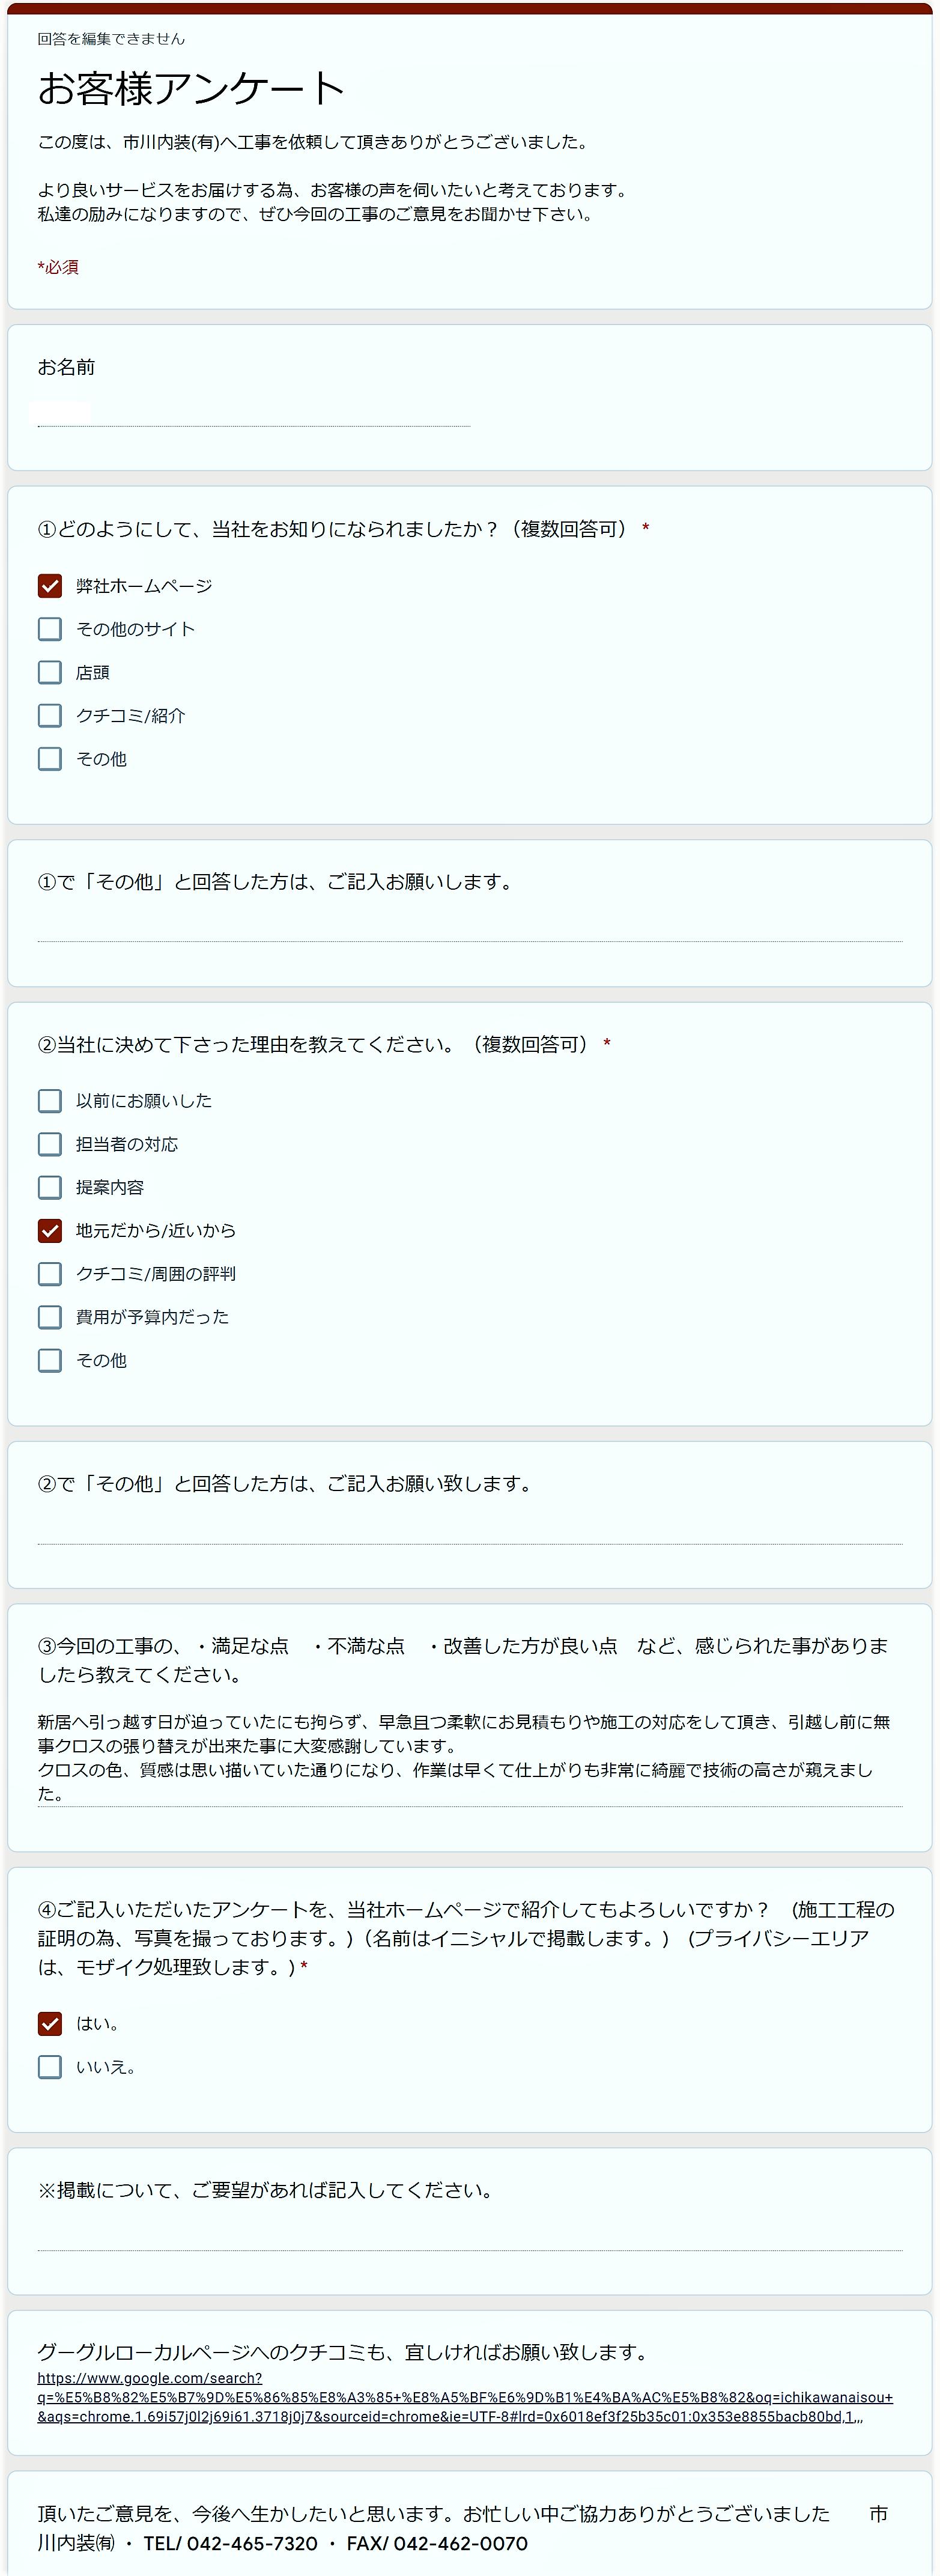 鈴木様アンケート - コピー